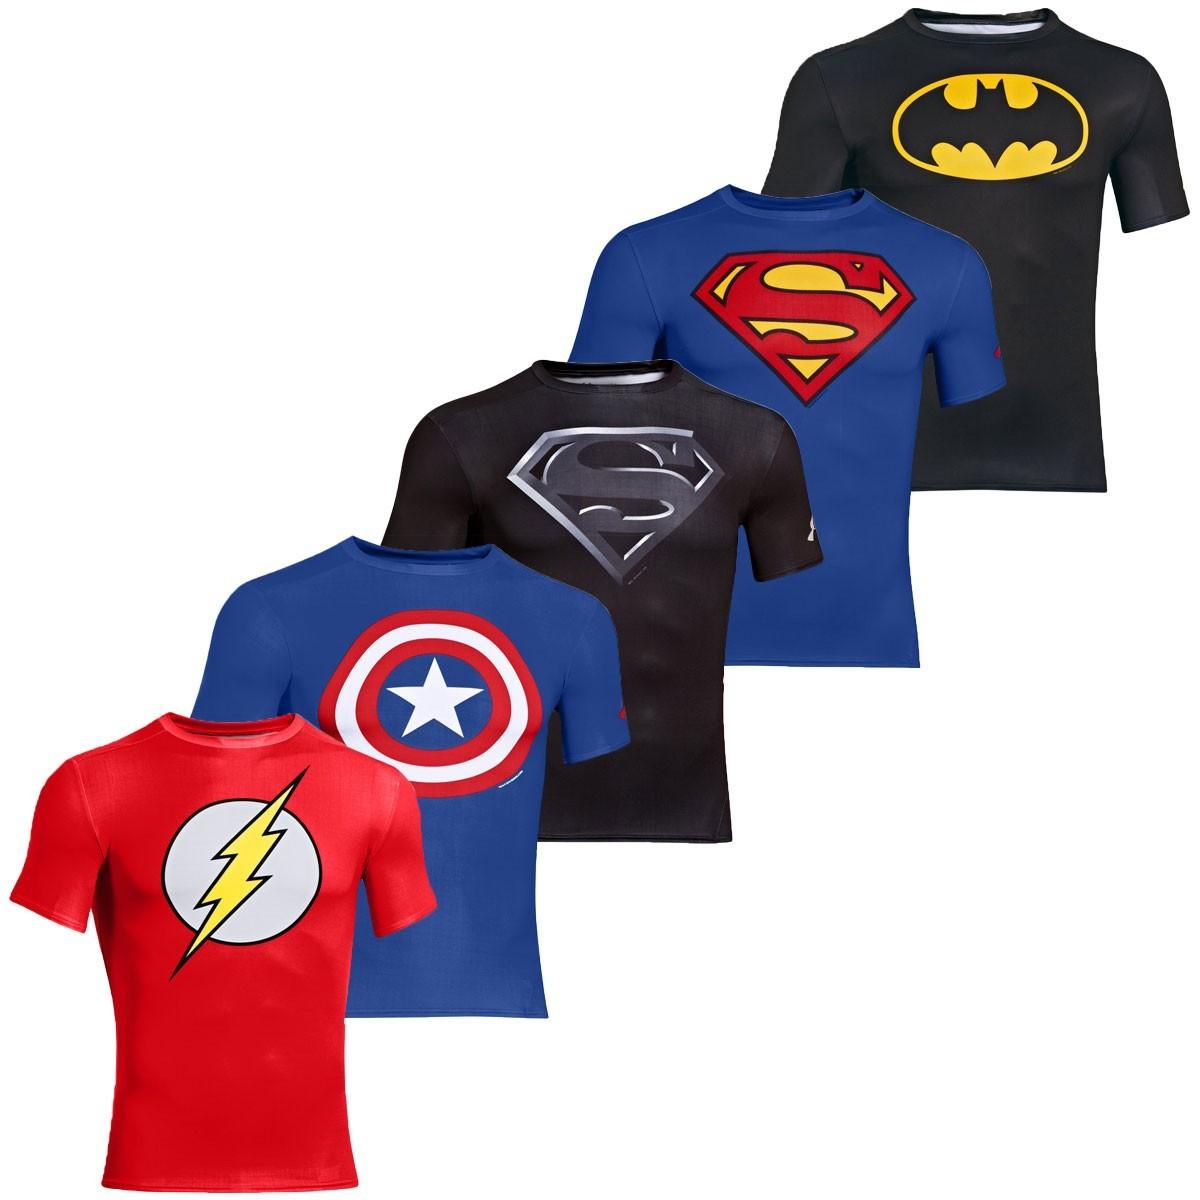 Under Armour Mens Alter Ego Compression Superhero T Shirt